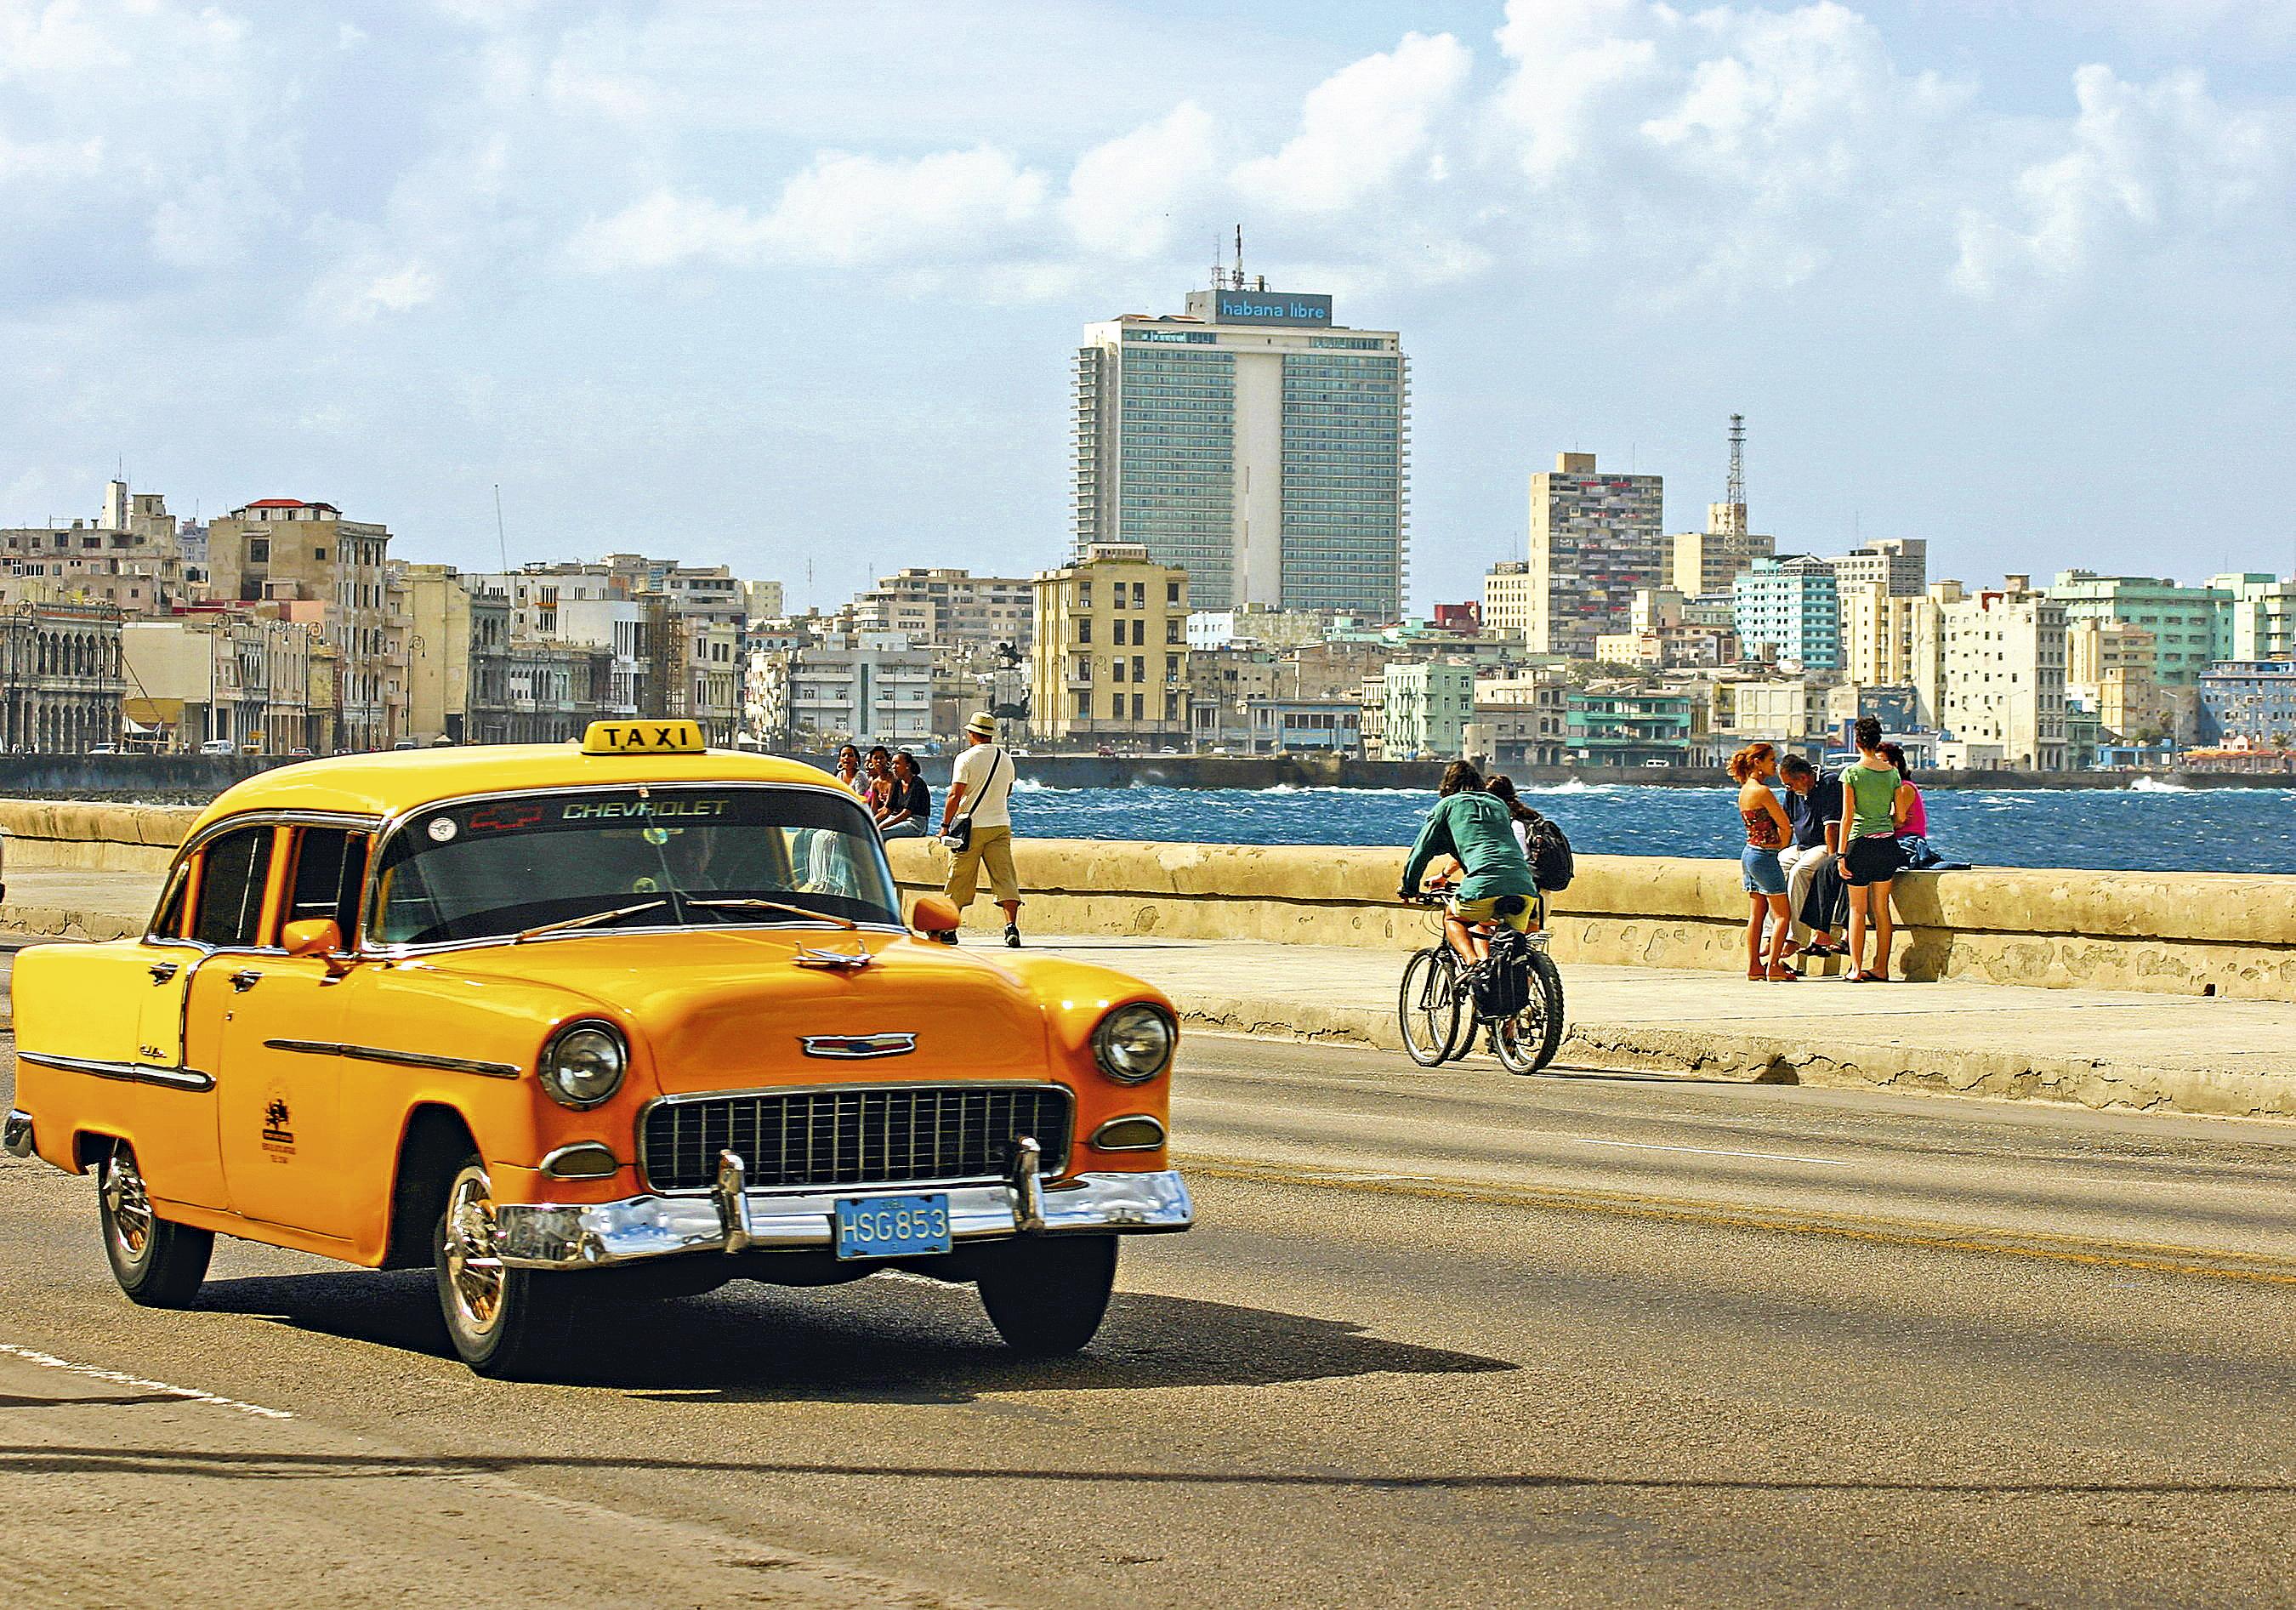 El malecón habanero, Cuba